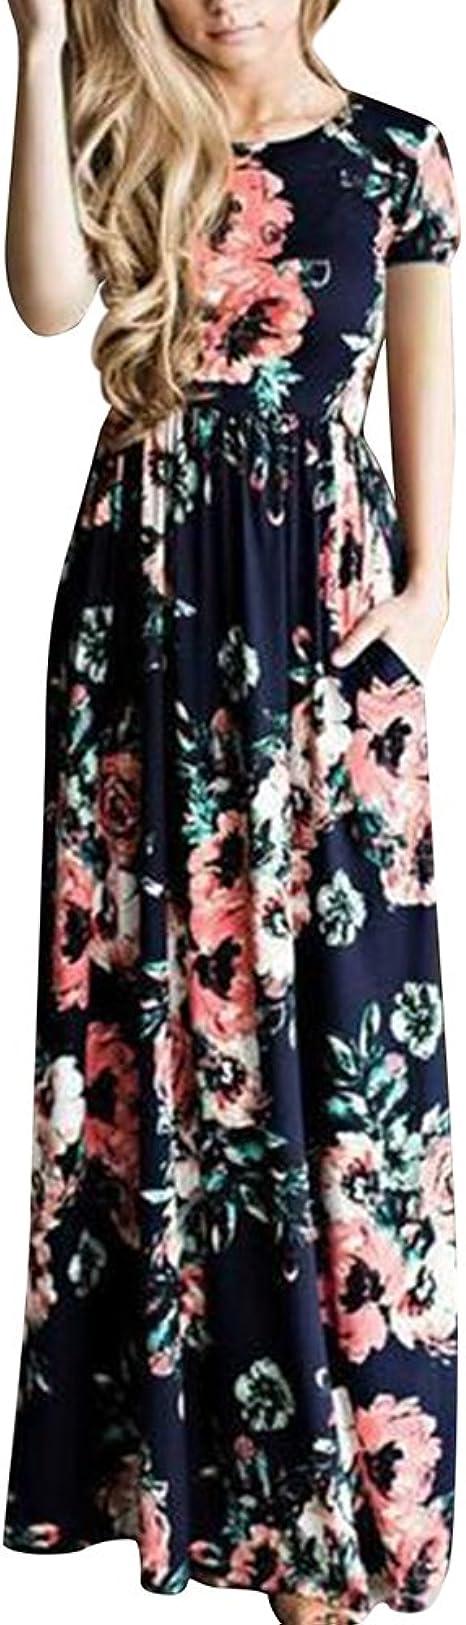 TALLA (EU46-48)XL. Lover-Beauty Vestido Largo Floral Print Casual Verano para Noche Fiesta Playa Fiesta Manga Corta Sin Hombro Cuello Redondo Vestido Navidad Azul (EU46-48)XL